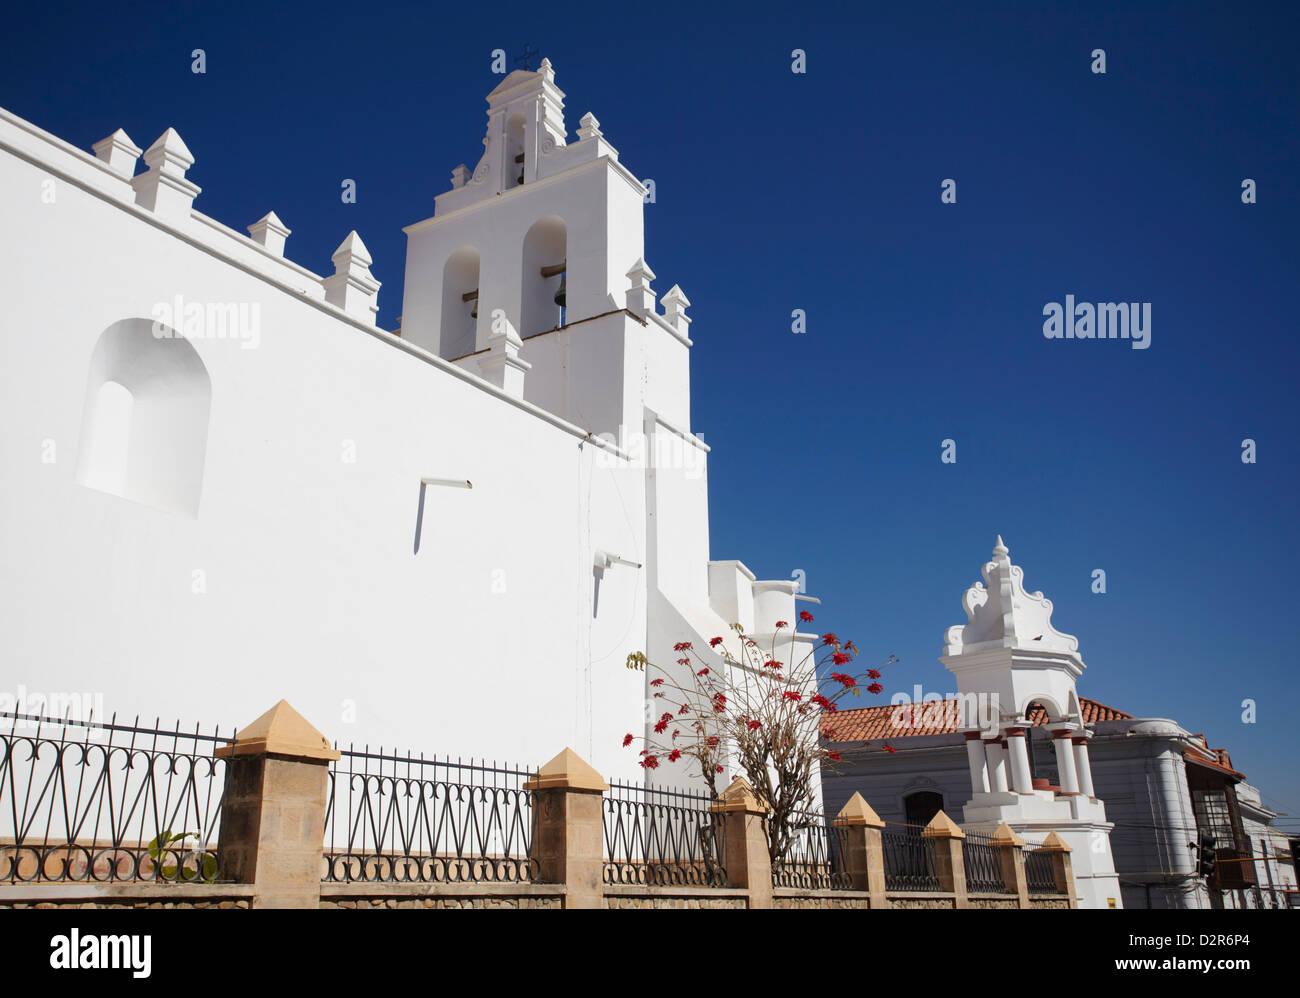 Iglesia de Santo Domingo, Sucre, UNESCO World Heritage Site, Bolivie, Amérique du Sud Photo Stock